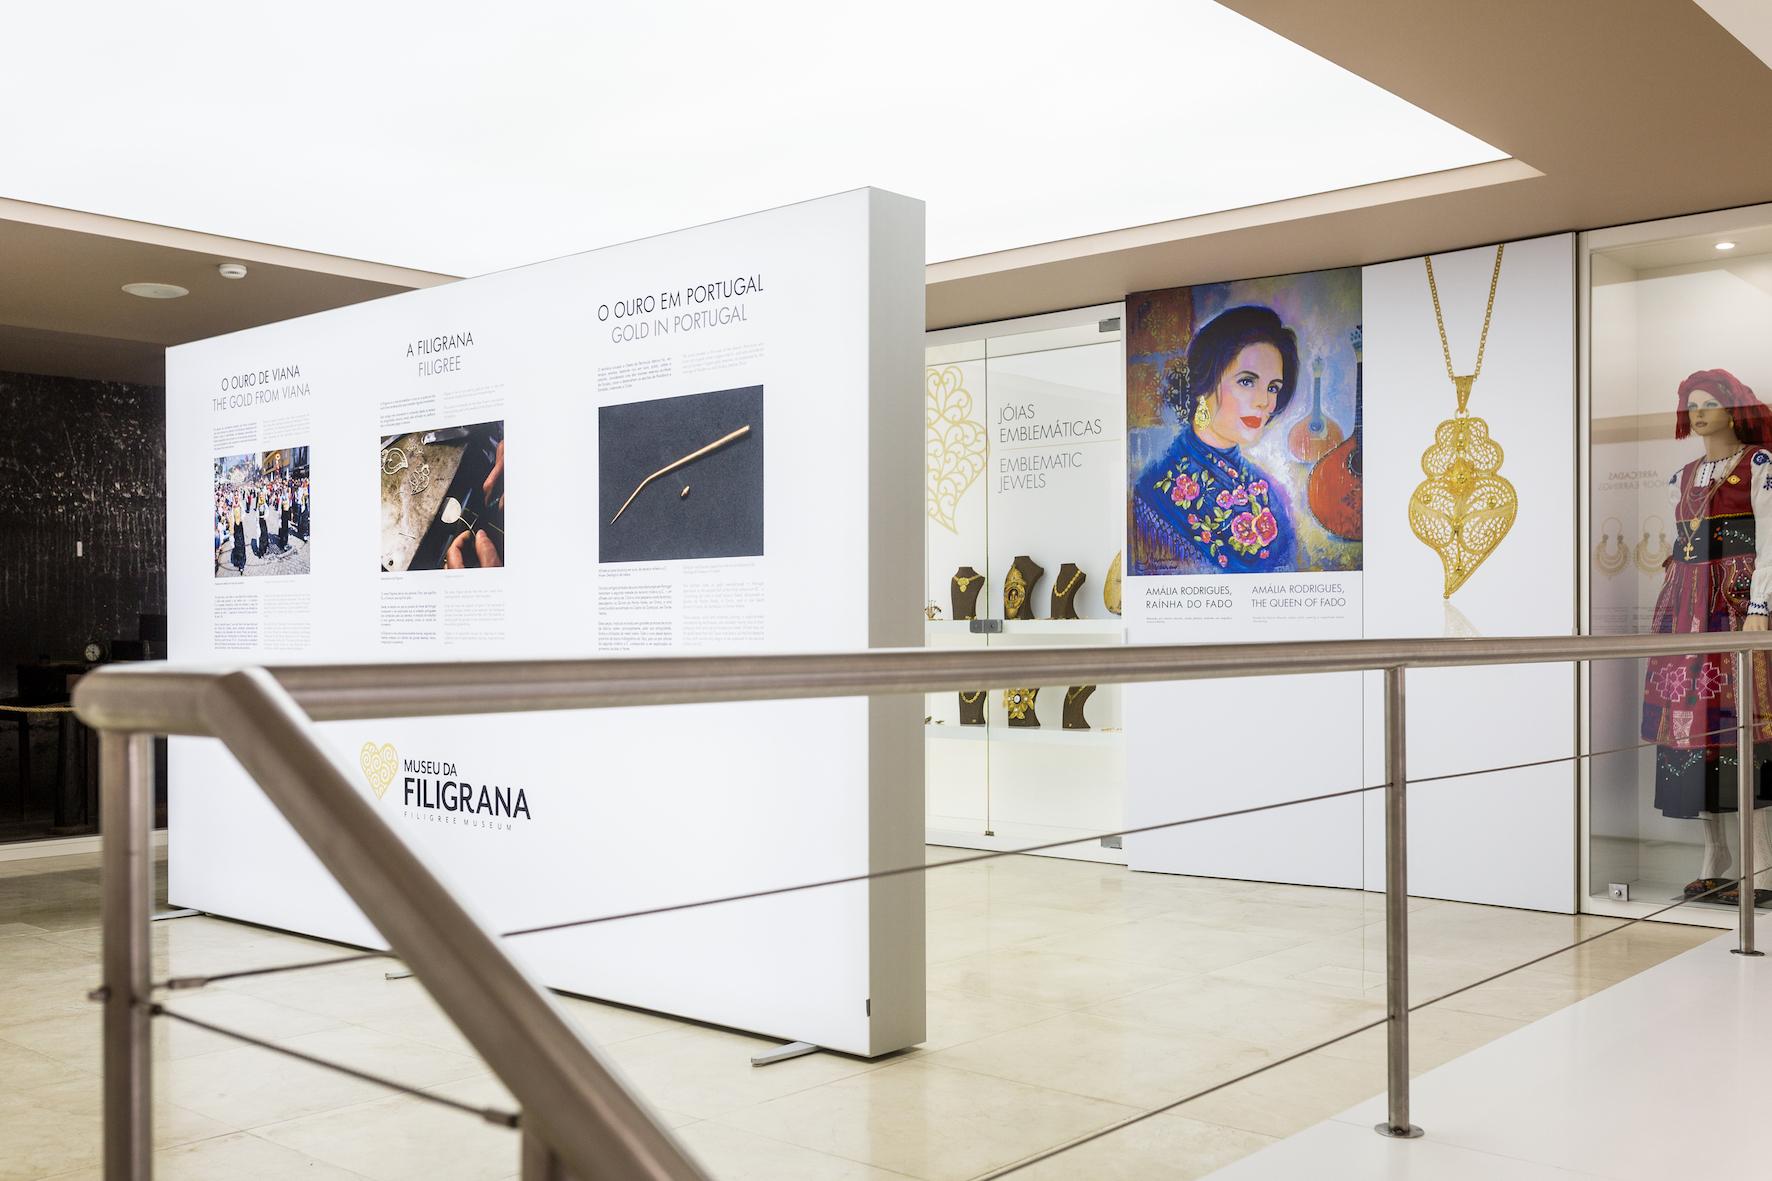 Imagem da notícia: O primeiro espaço museológico dedicado à filigrana